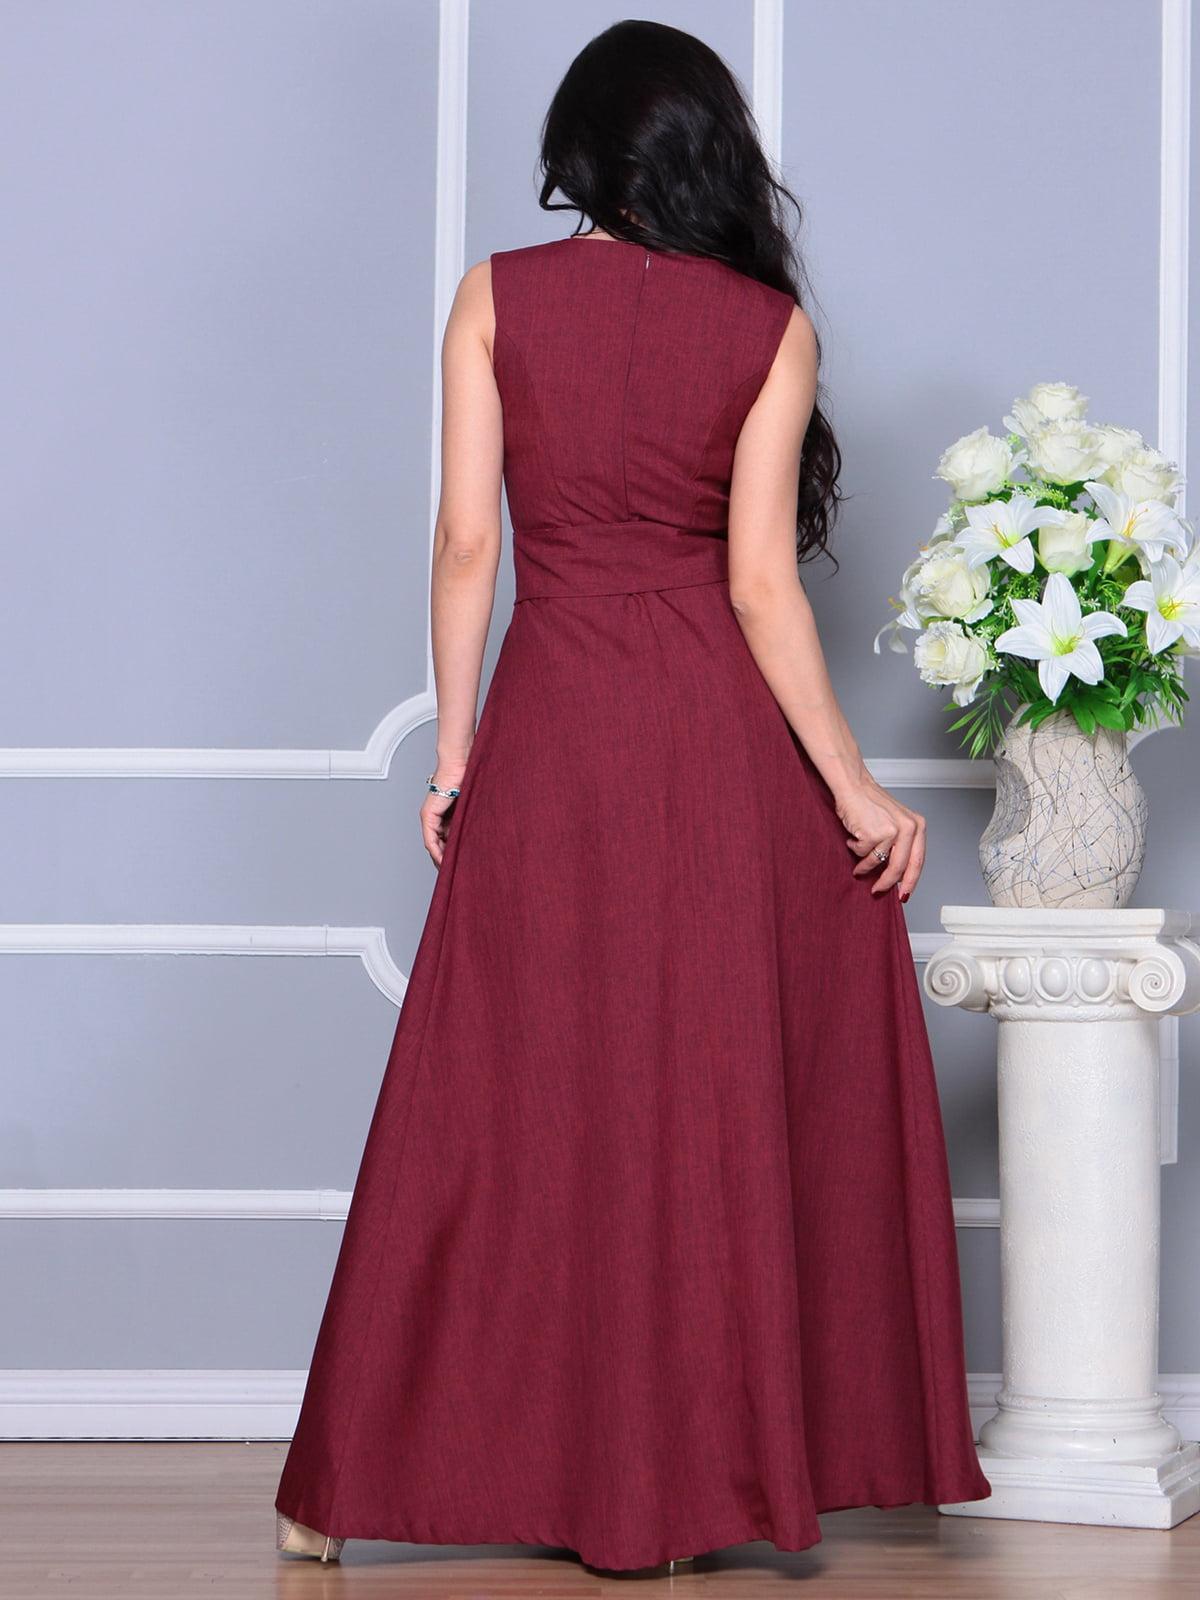 Платье светло-сливовое   4297745   фото 2